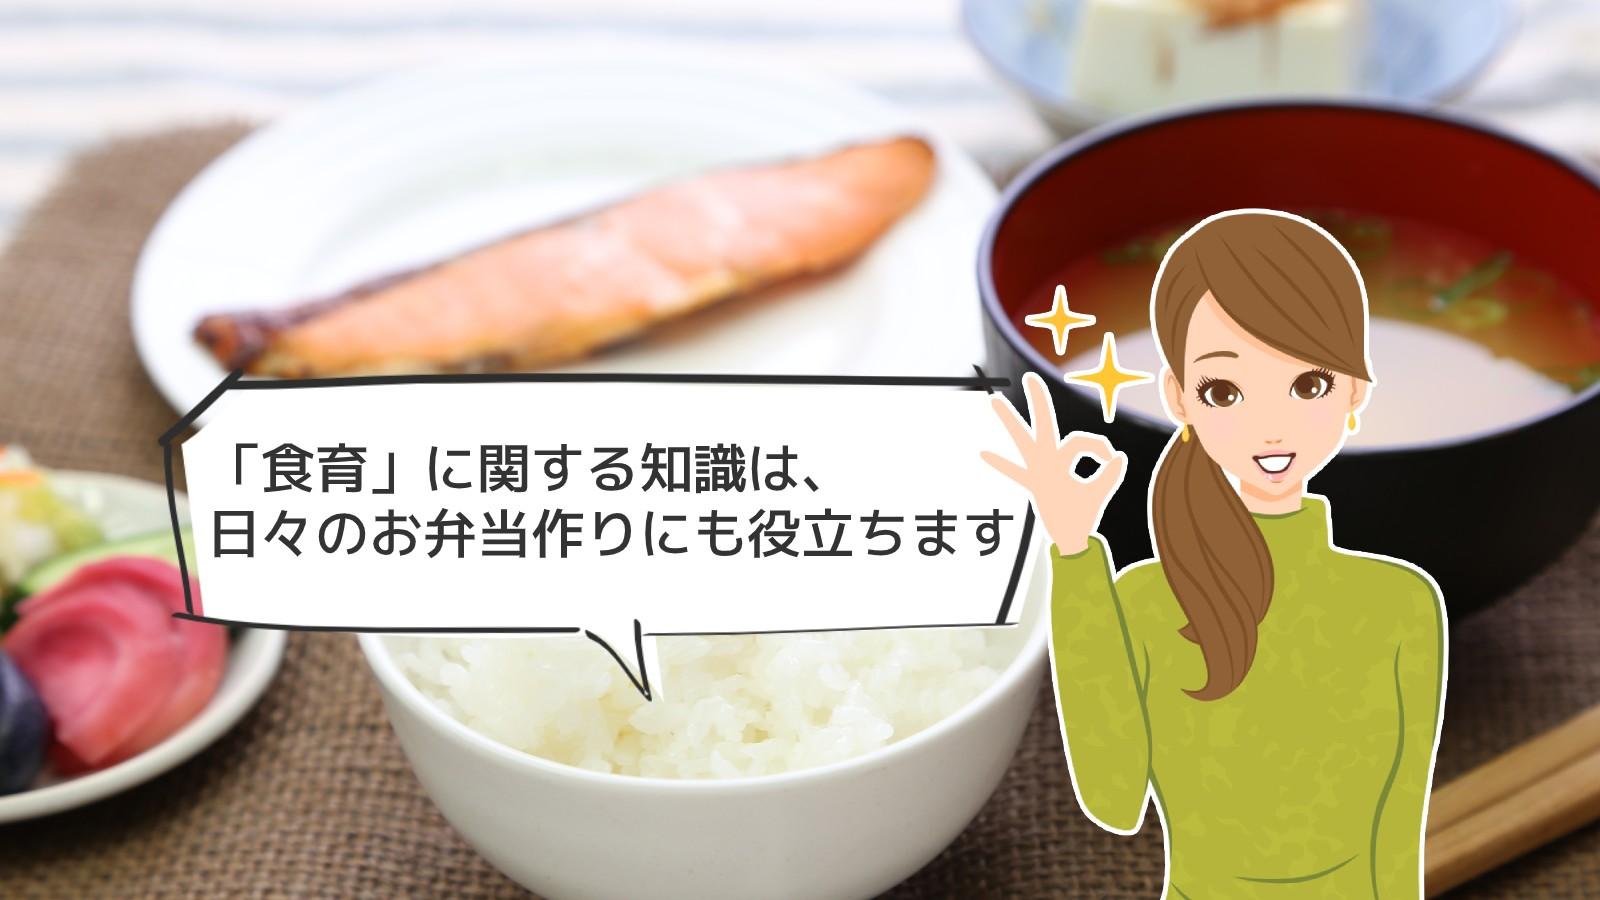 「食育資格」のアイキャッチ画像